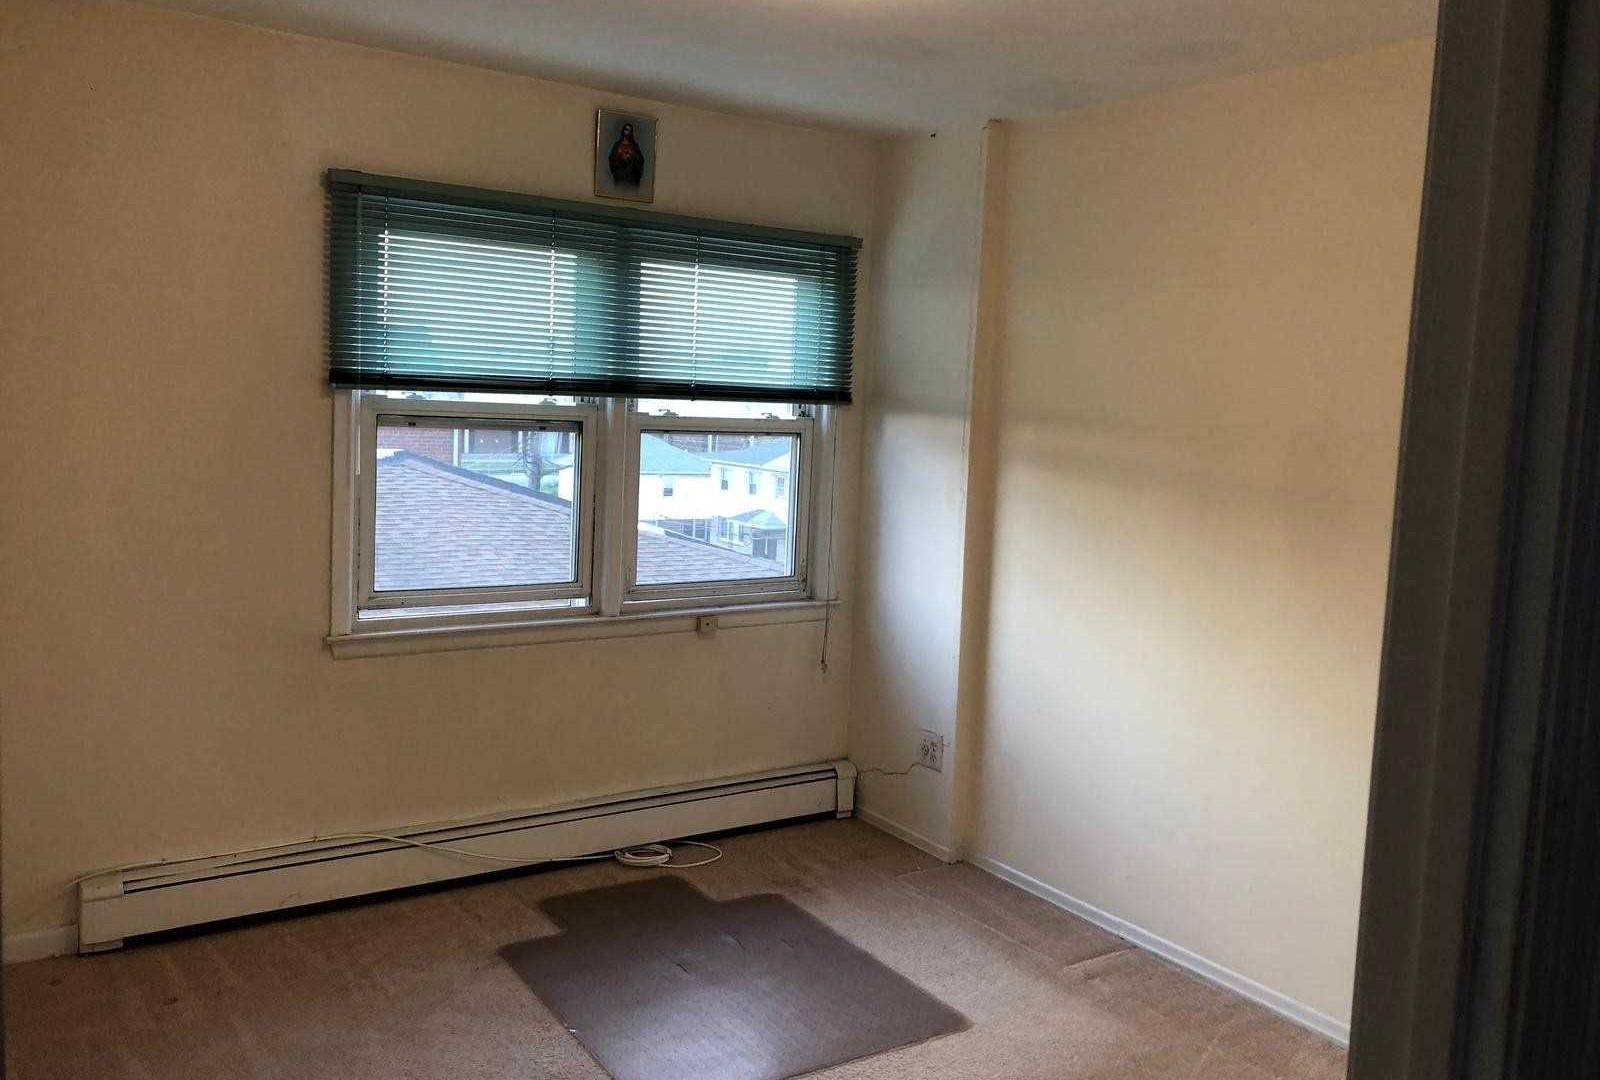 143-28 22nd Rd, Whitestone, NY 11357 E